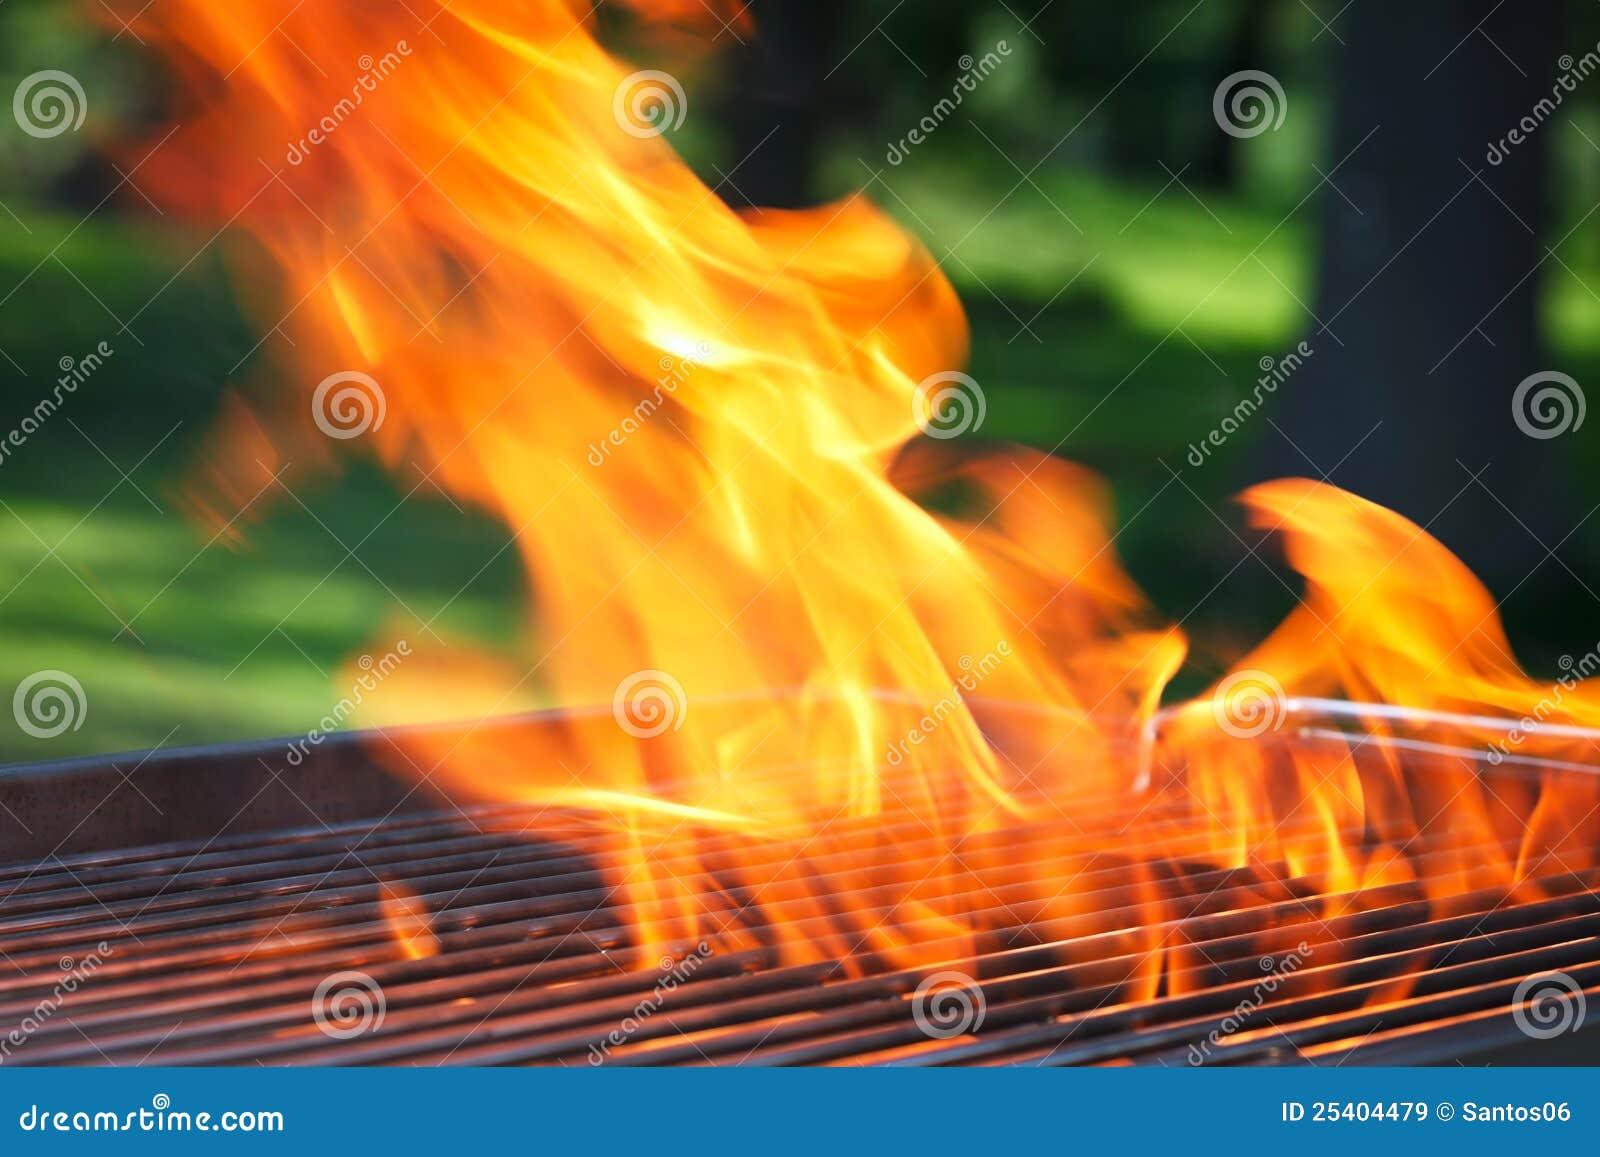 Barbecue avec les flammes et l espace de copie